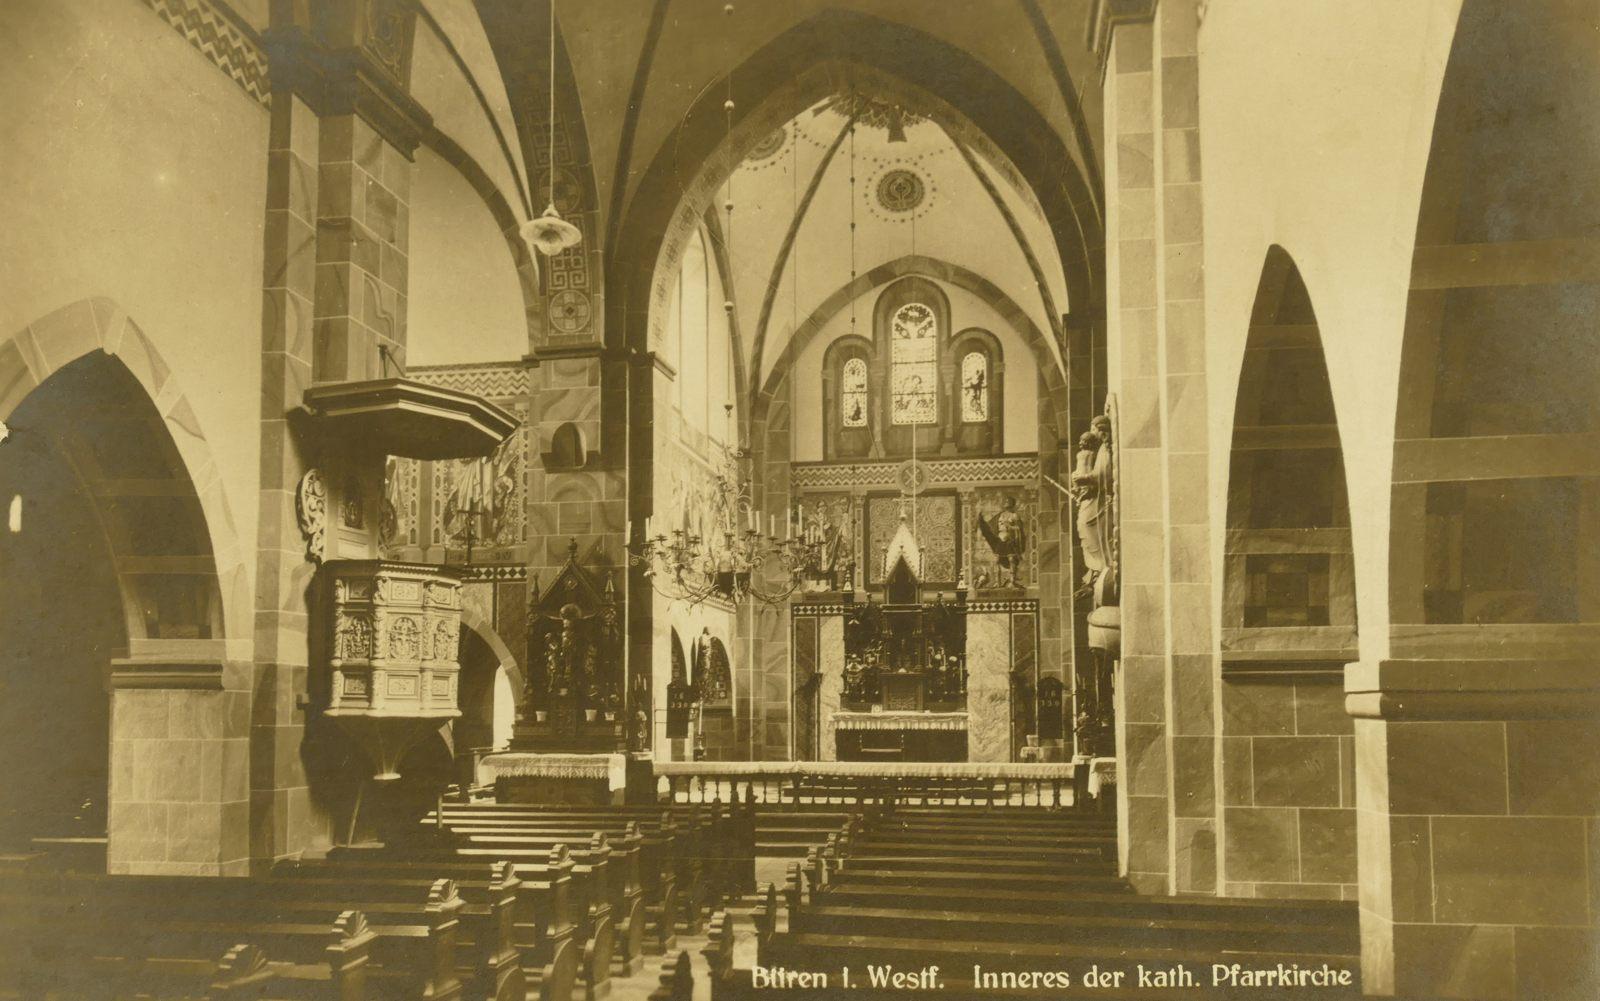 Der Innenraum der Pfarrkirche 1940